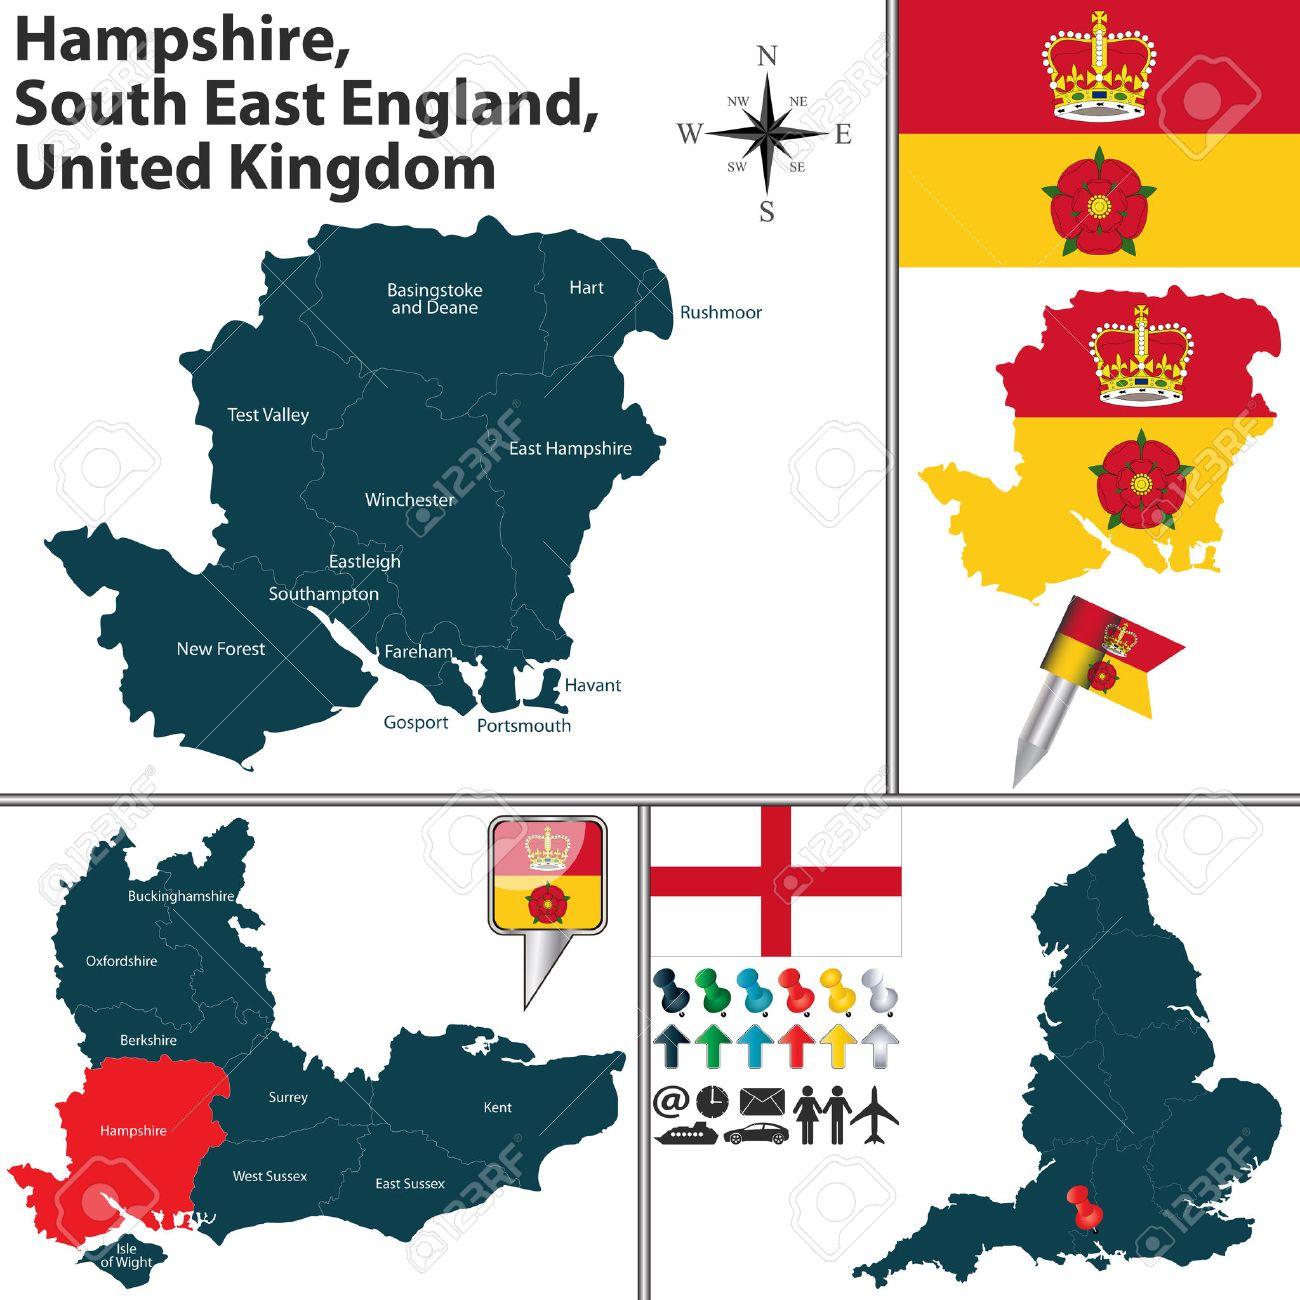 Carte Hampshire Angleterre.Vecteur Carte De Hampshire South East England Royaume Uni Avec Les Regions Et Drapeaux